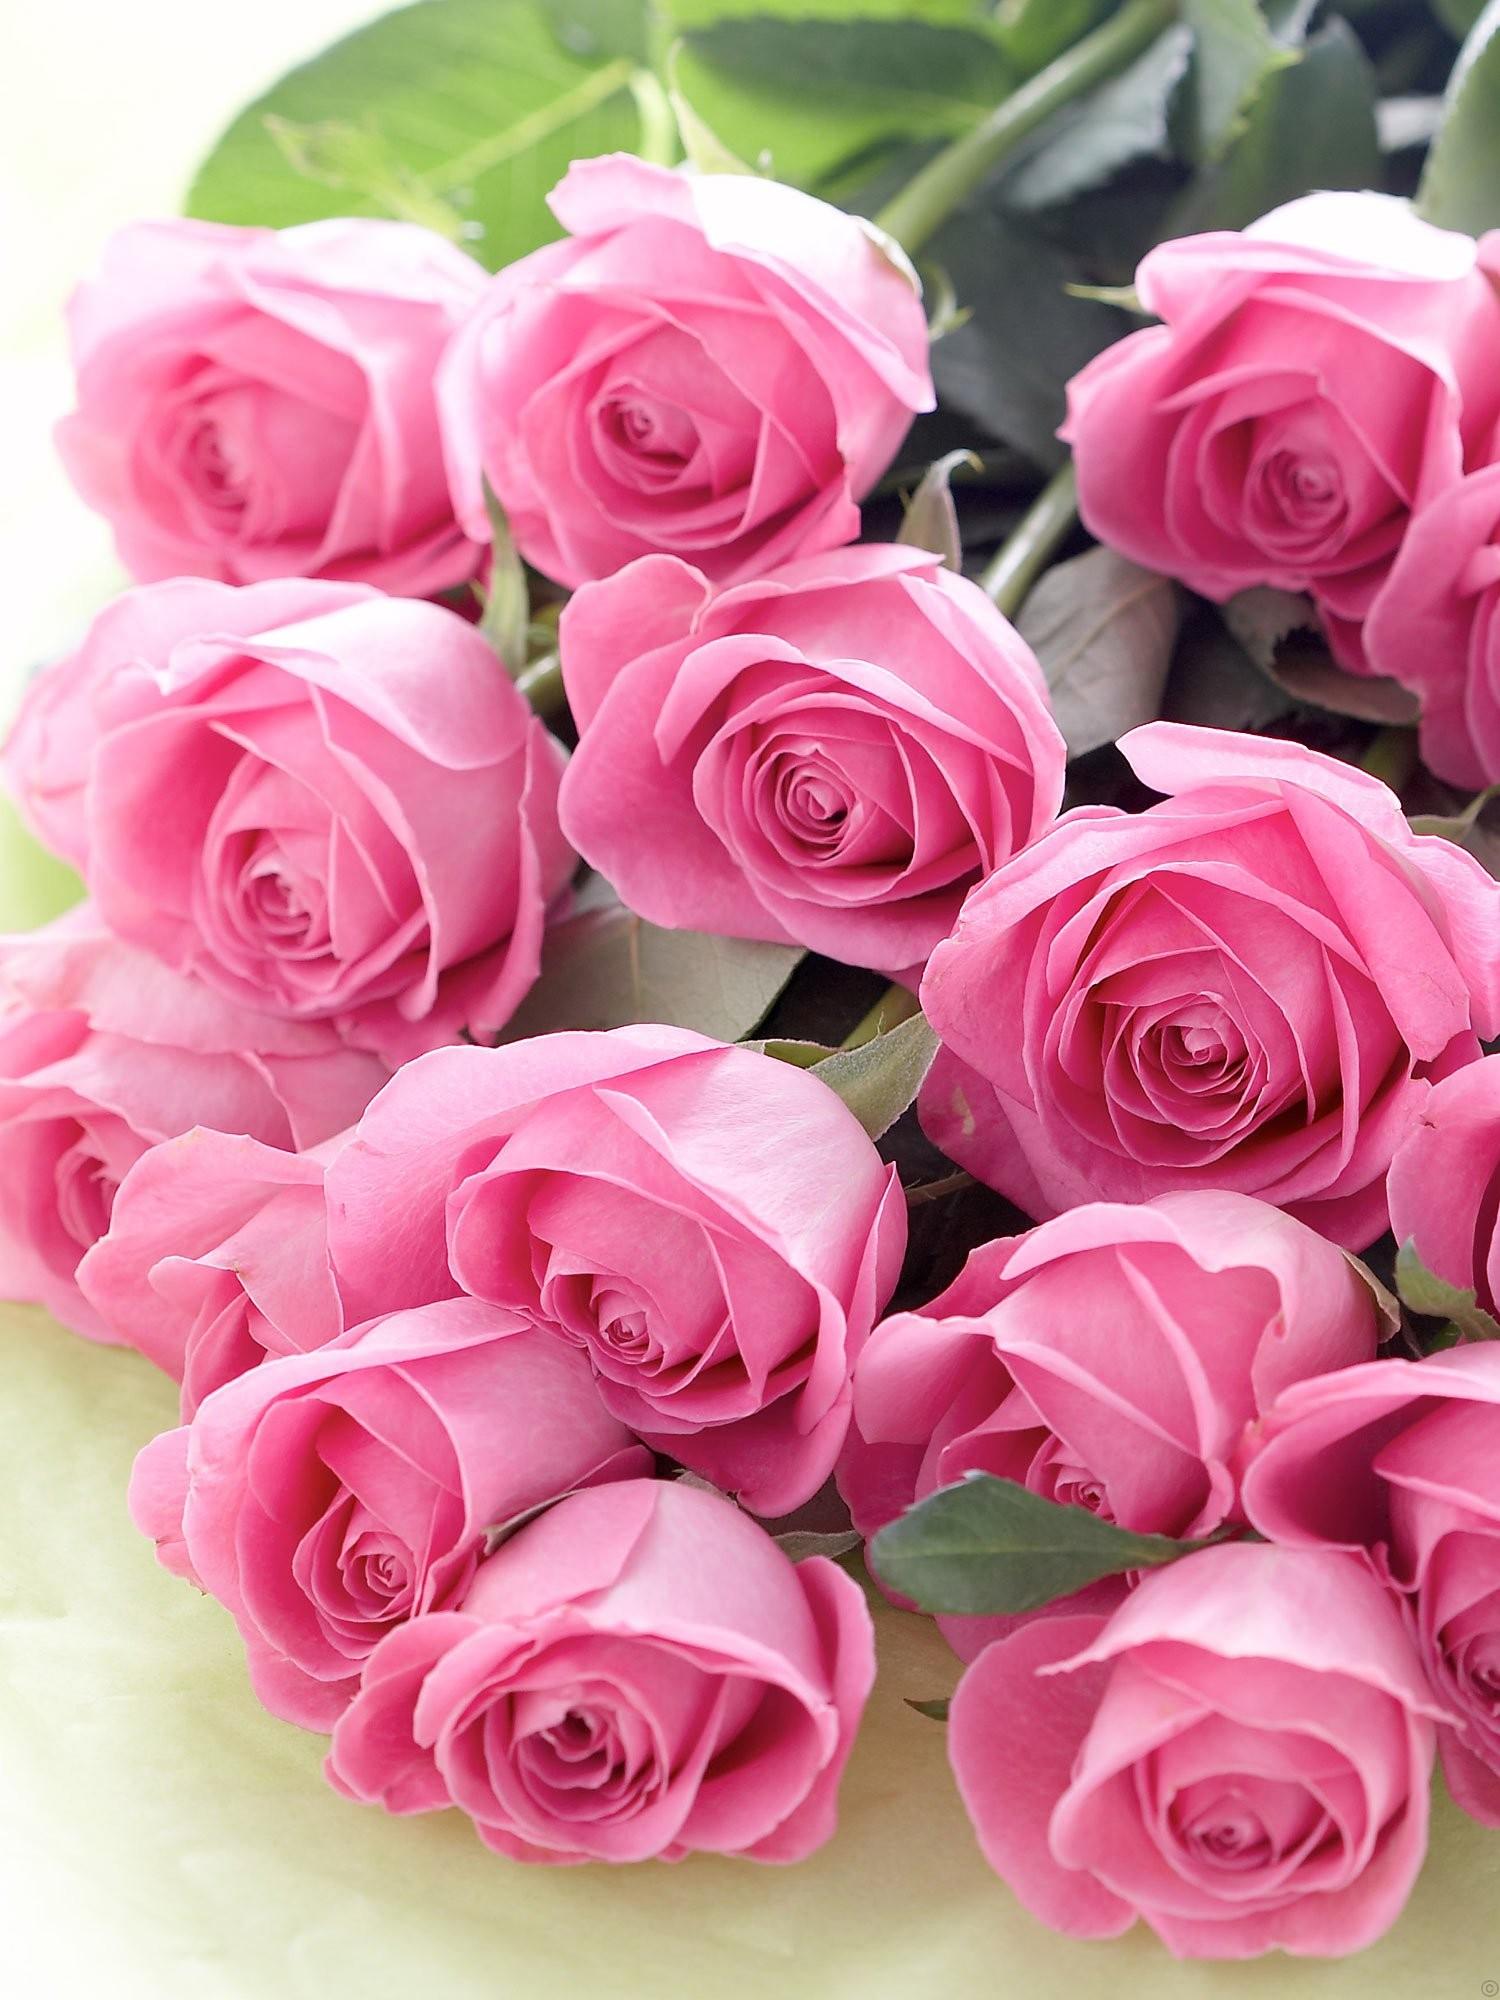 بالصور اجمل ورود الحب , صور ورود الحب الجميلة 3921 12